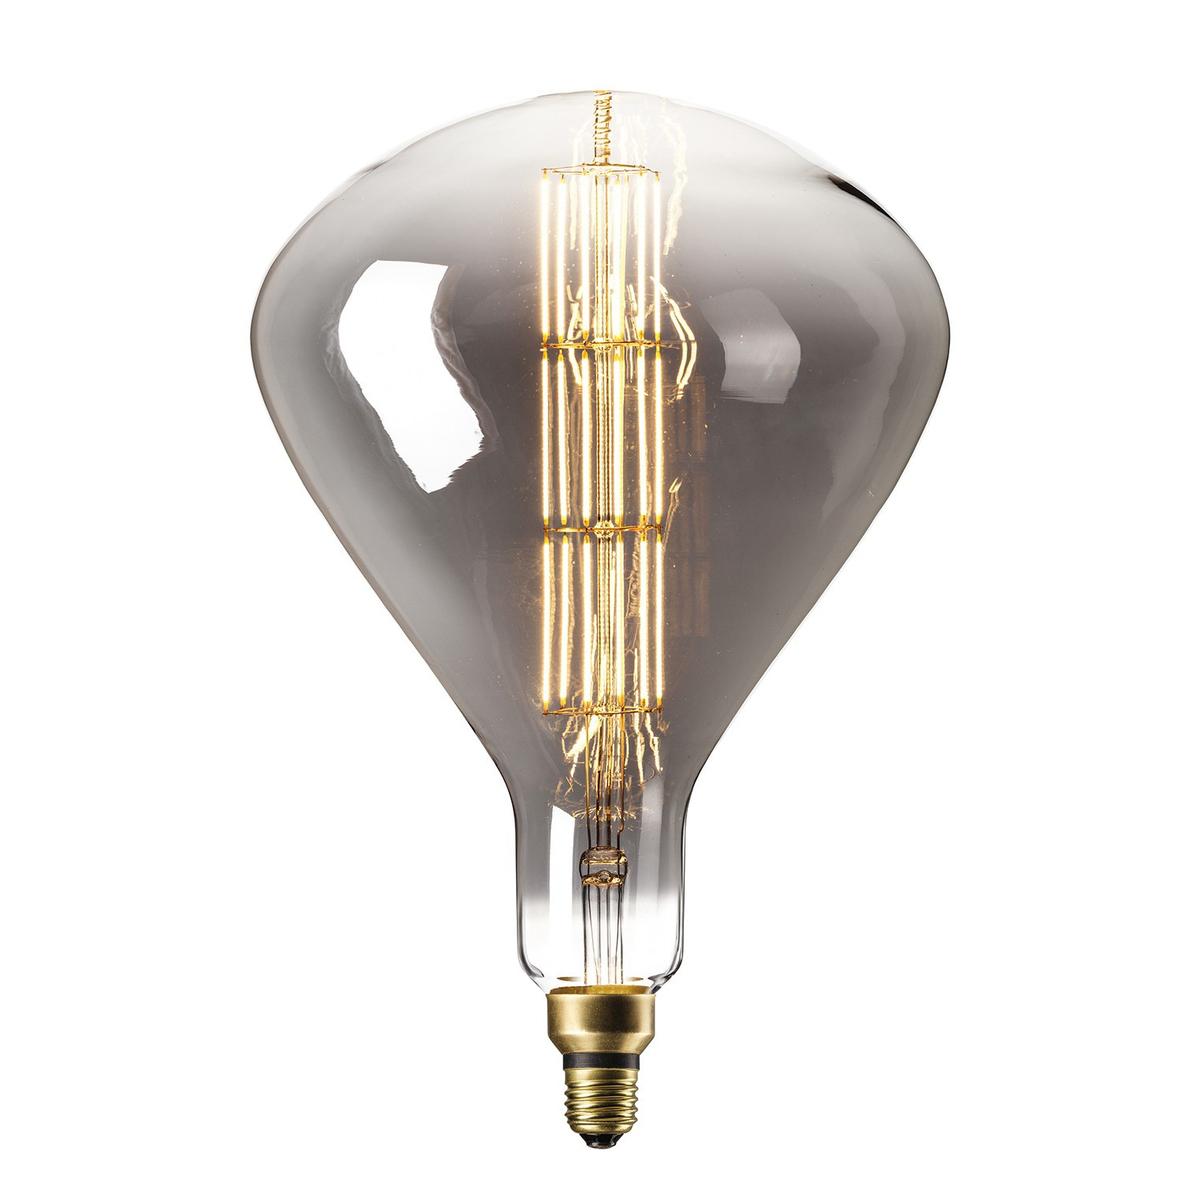 Ampoule filament décorative en verre gris